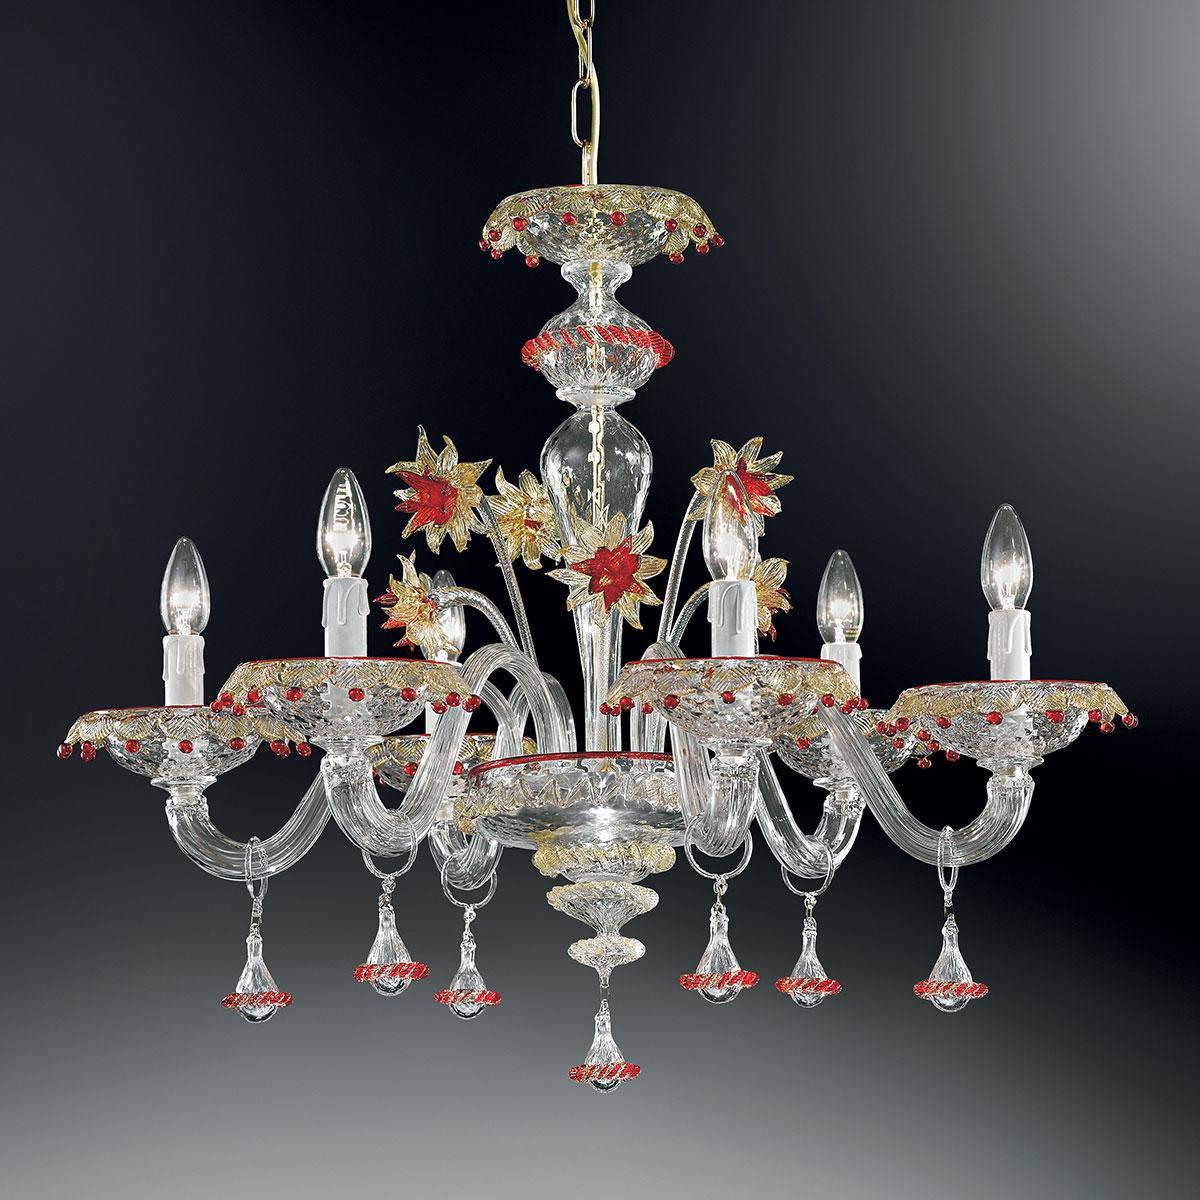 """""""Florenza"""" lampara de araña de Murano  - 6 luces - transparente, oro y rojo"""